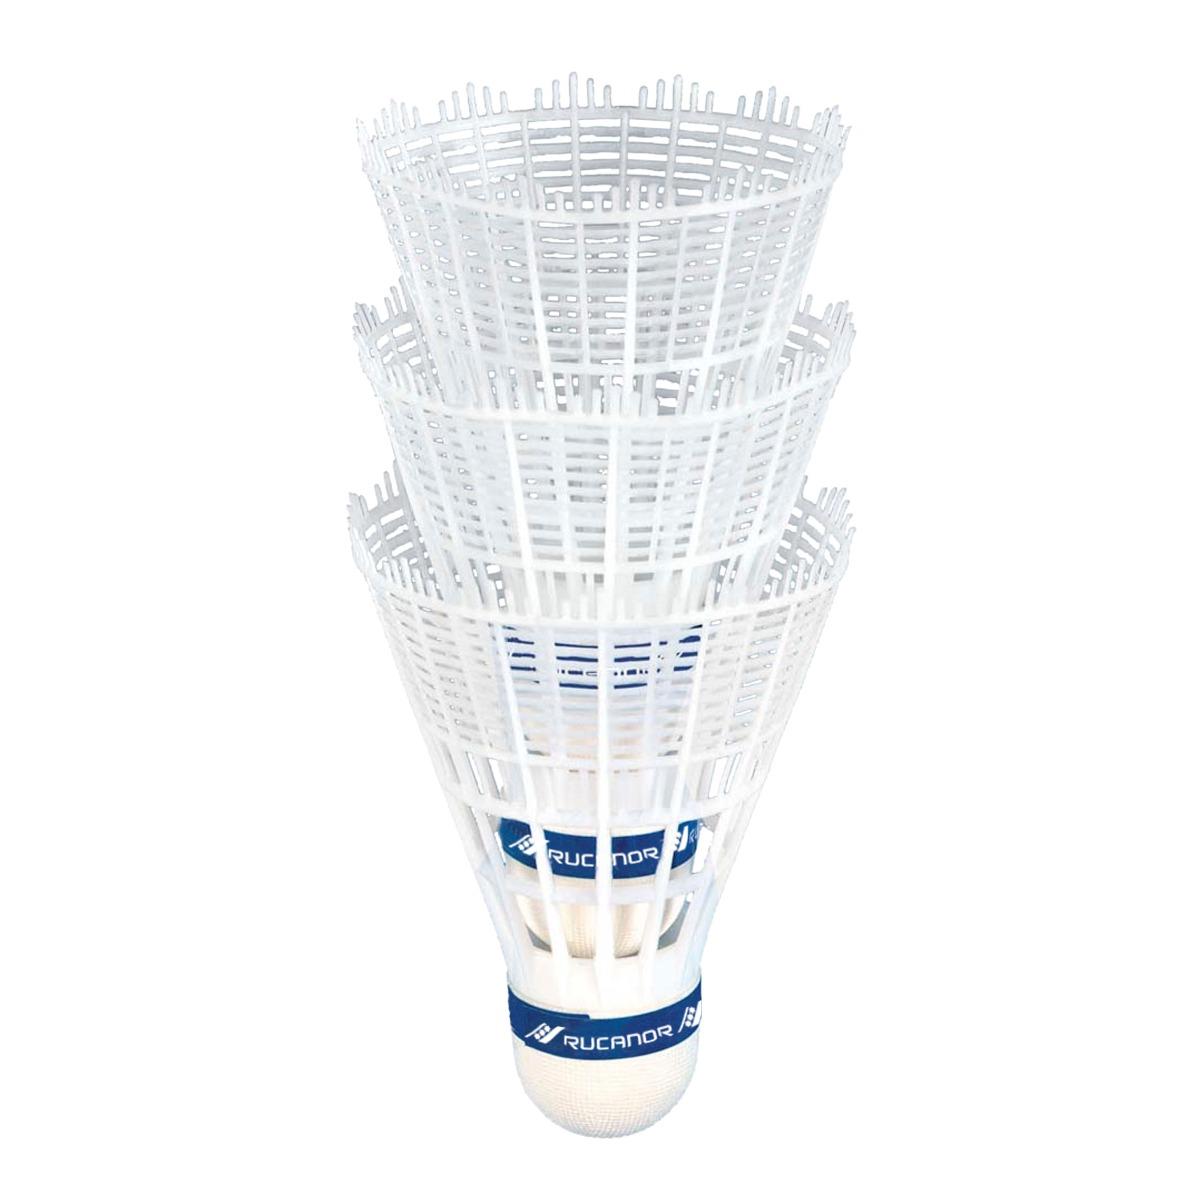 Seagull per 3 27212-101 badmintona volāni